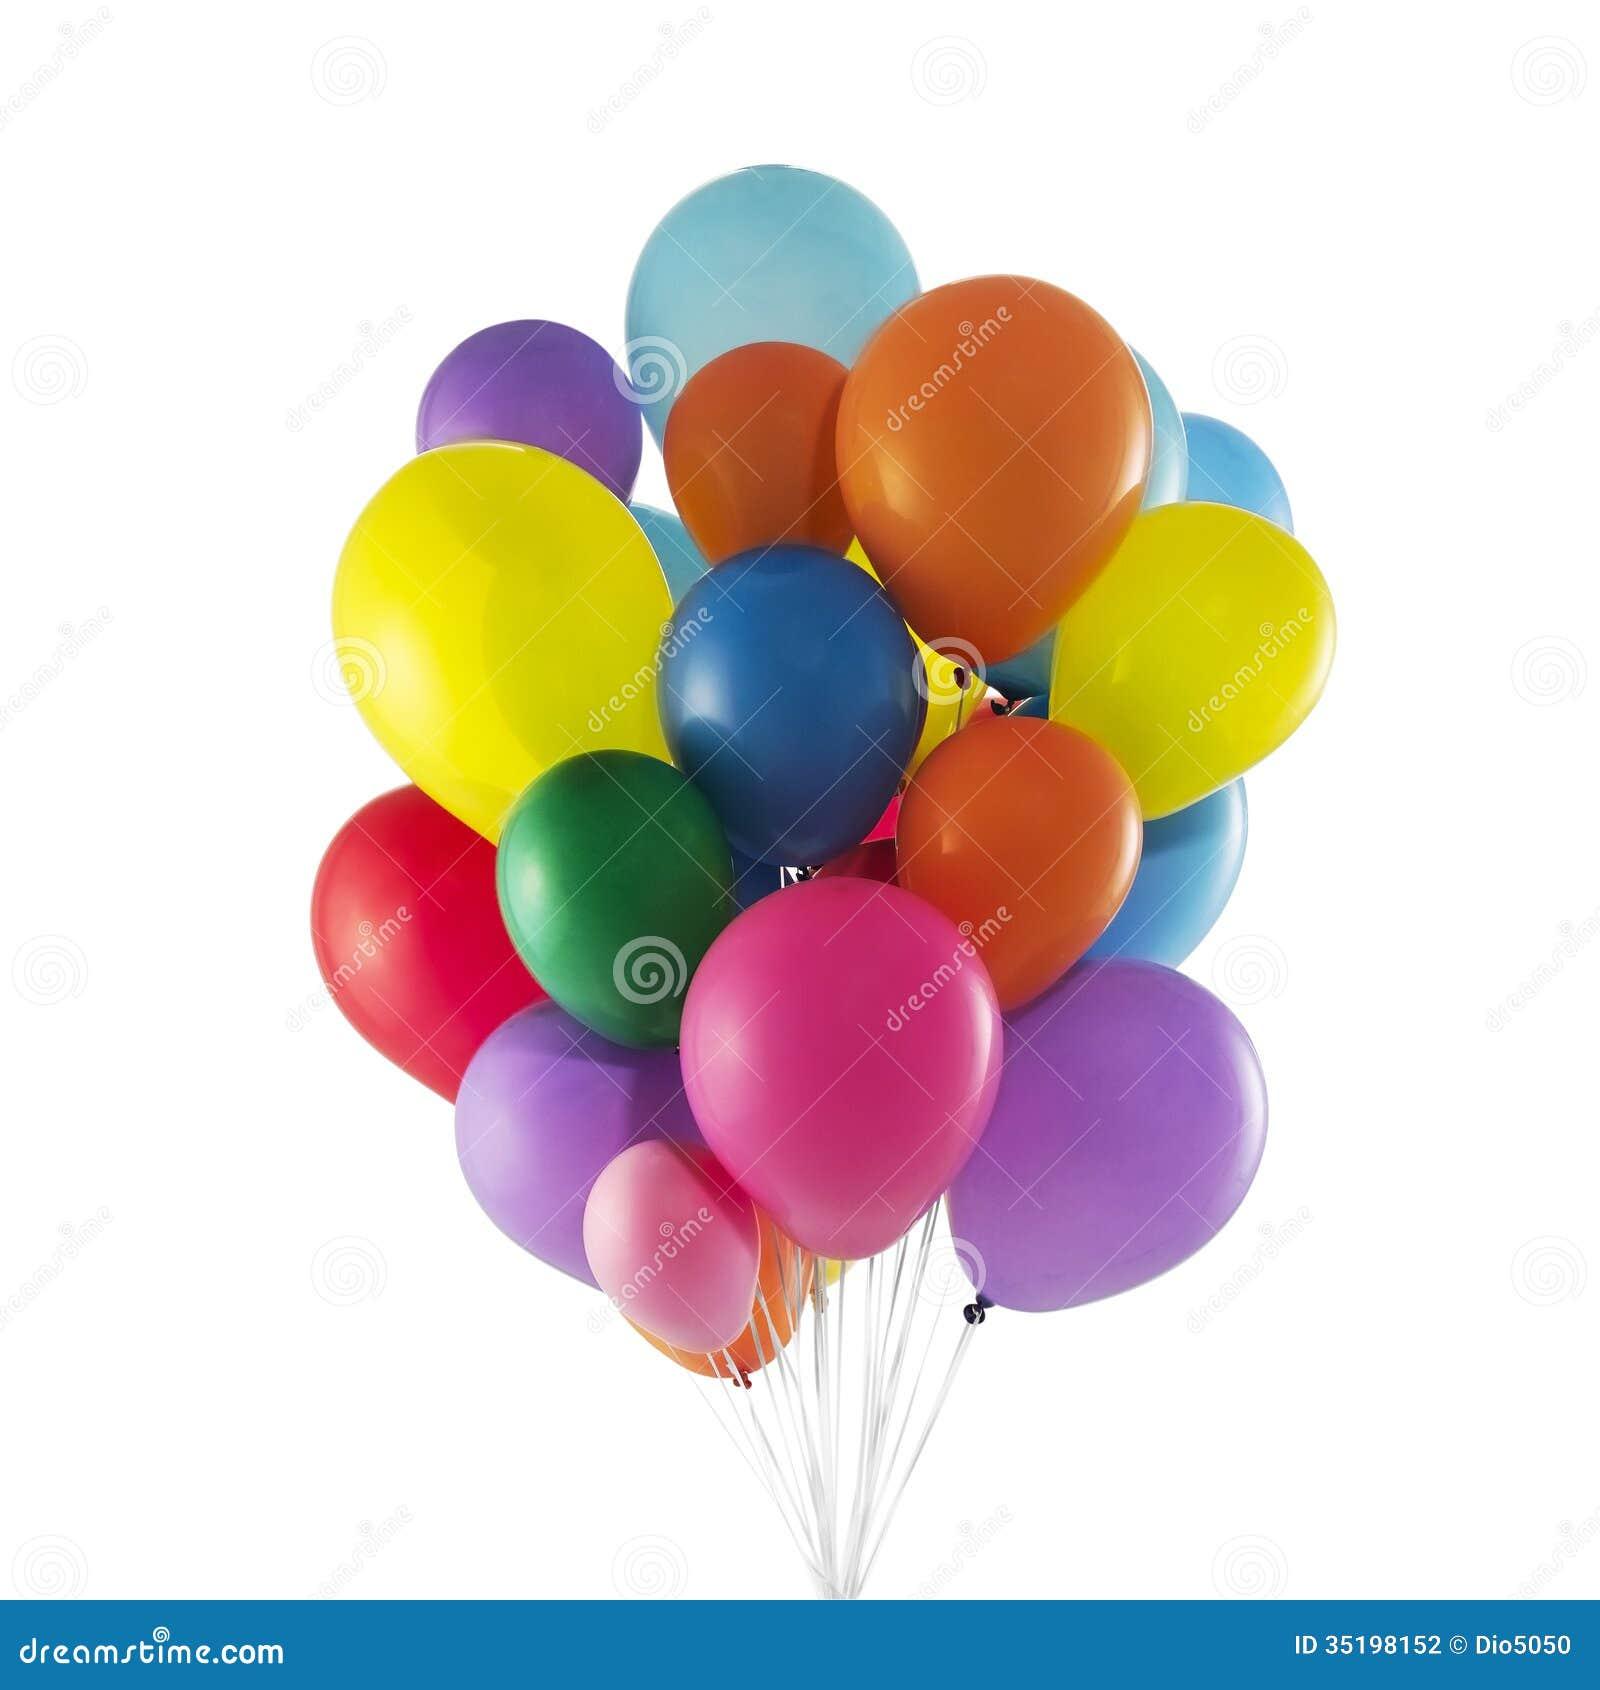 balloons white background - photo #15